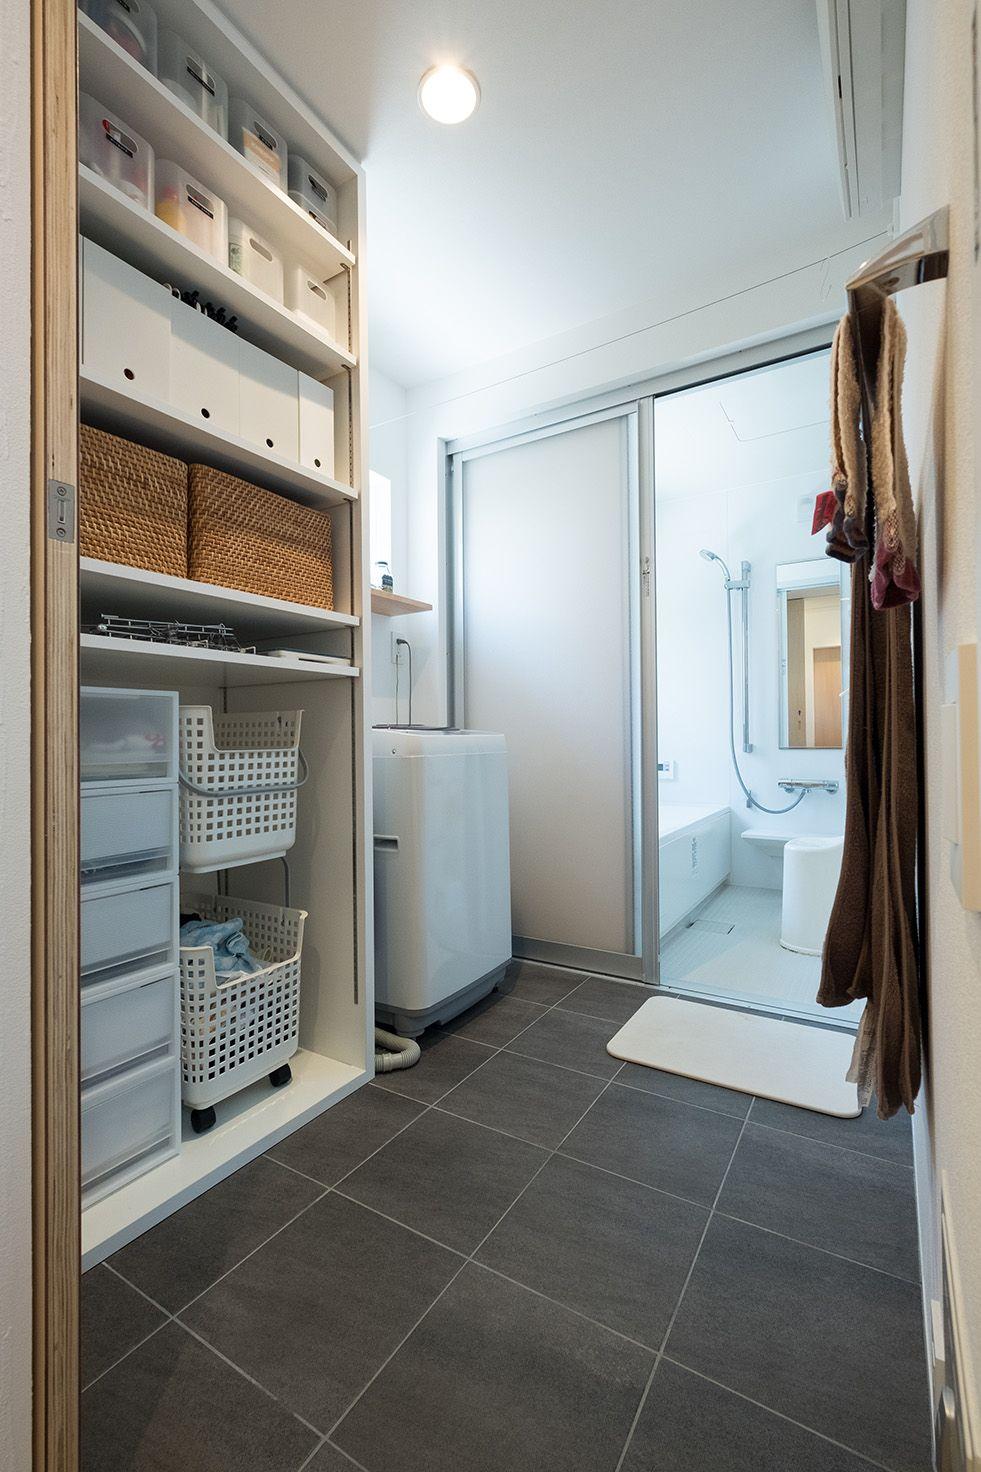 洗面 お風呂 ソラマド写真集 浴室 インテリア 洗面所 タイル